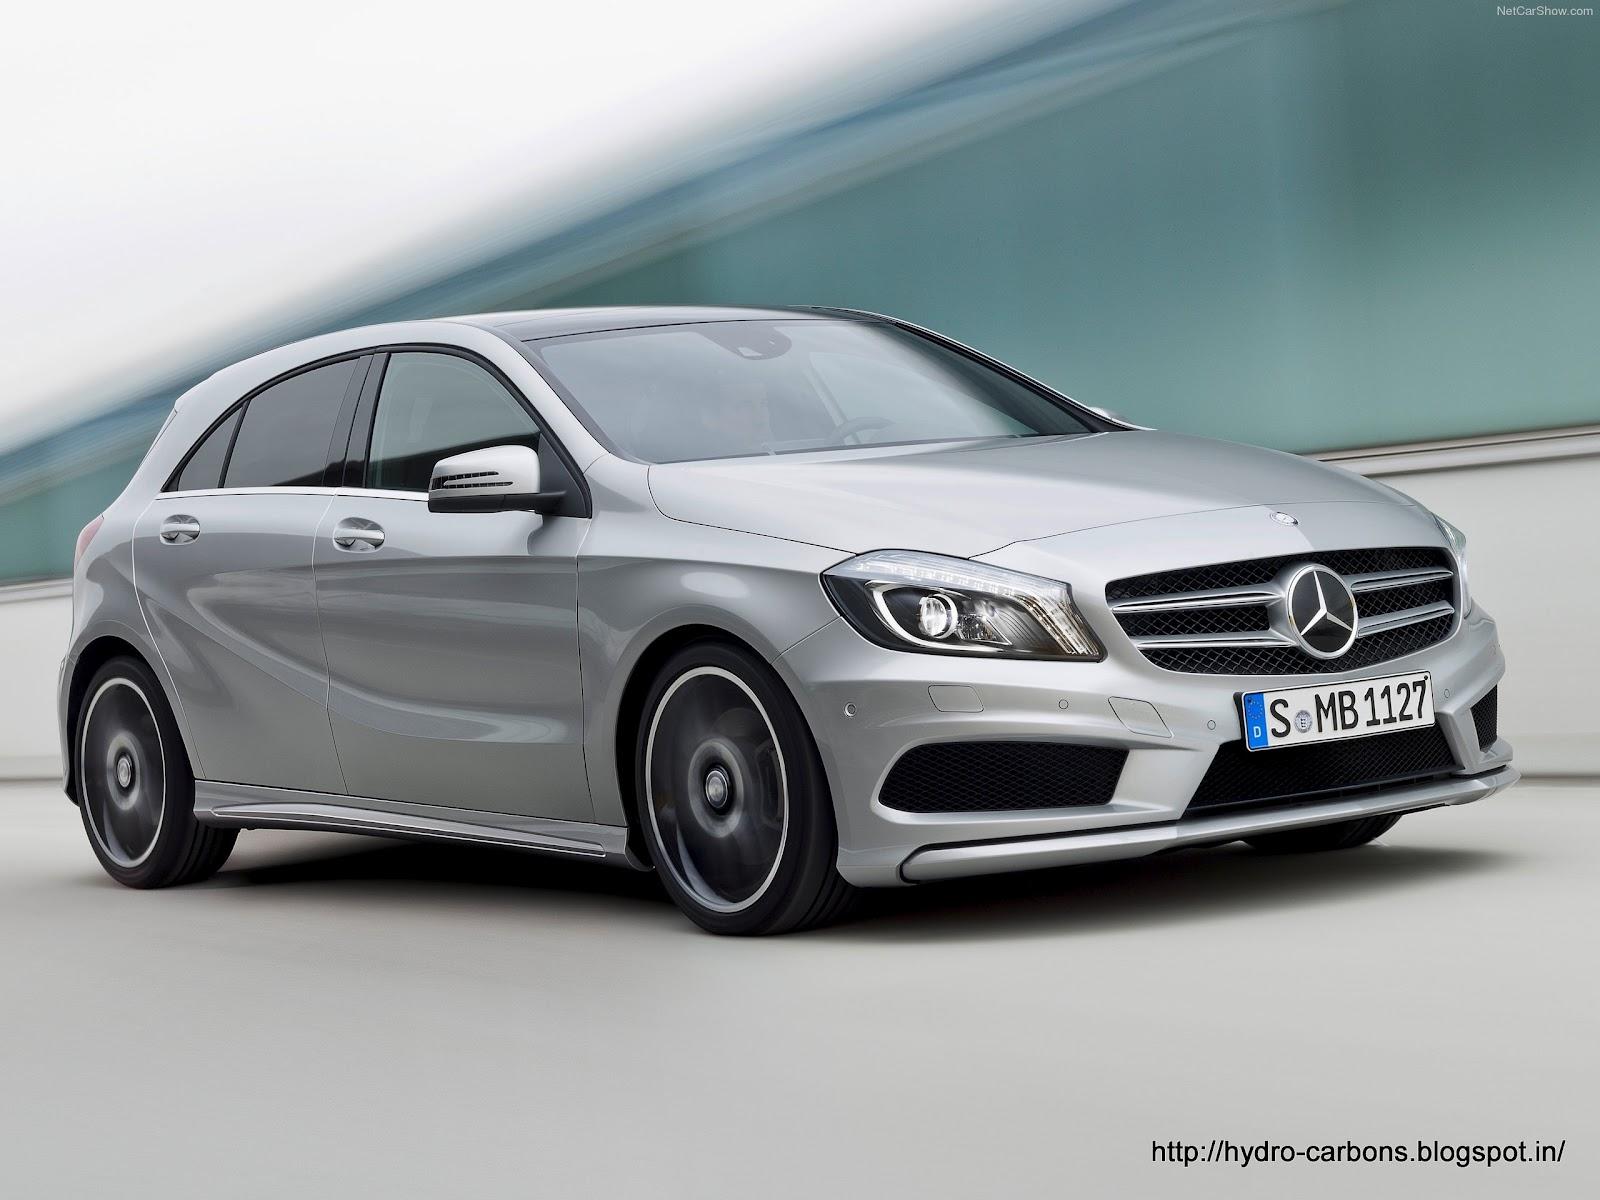 http://1.bp.blogspot.com/-3MUgkKMAJOs/T3HsAXvI3RI/AAAAAAAAOAw/C3LrPYD9L_Q/s1600/Mercedes-Benz-A-Class-2013-wallpaper.jpg